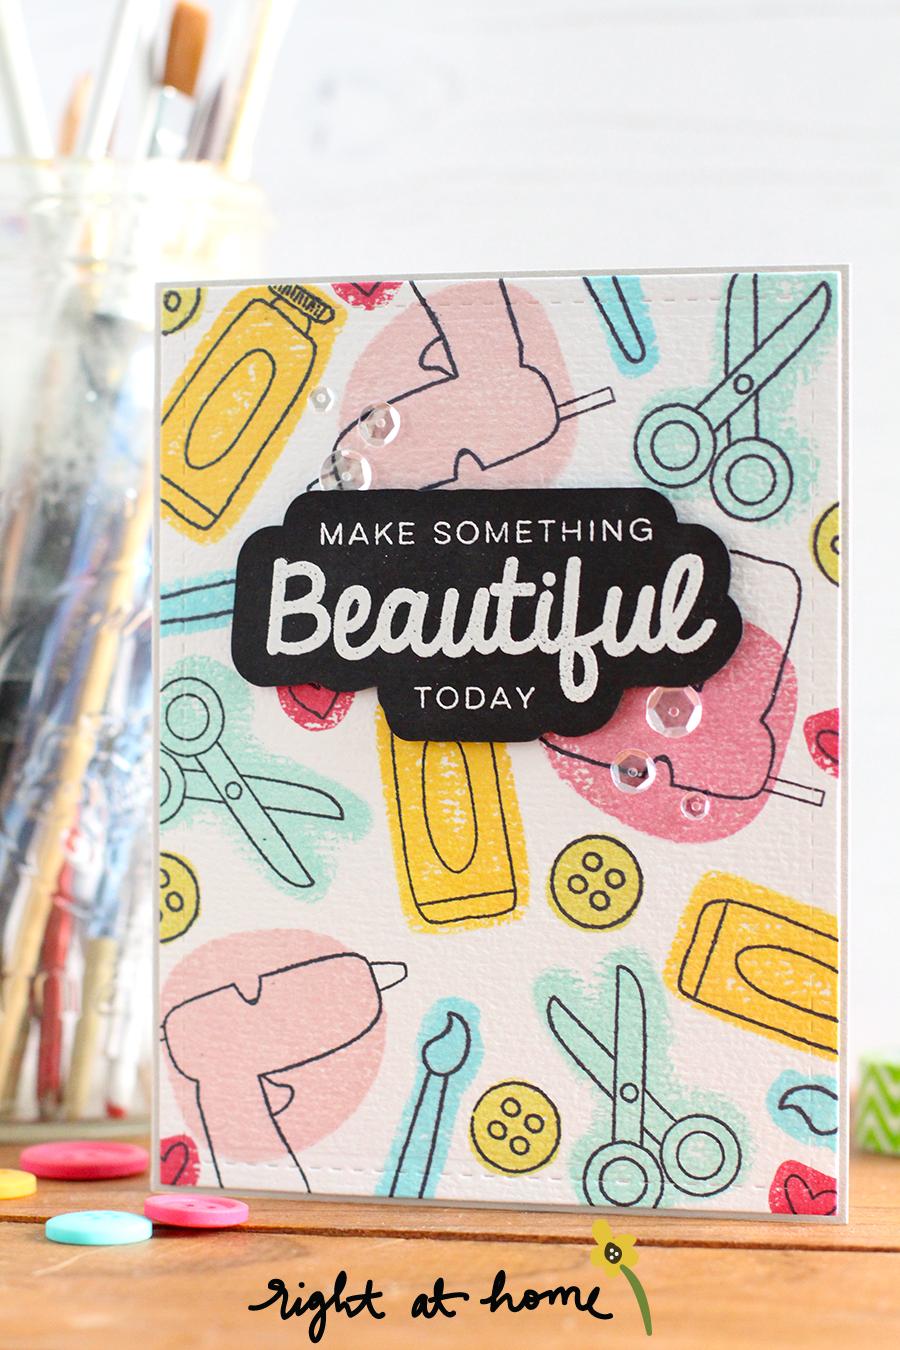 National Craft Month Celebration Blog Hop 2017 // Make Something Beautiful - rightathomeshop.com/blog